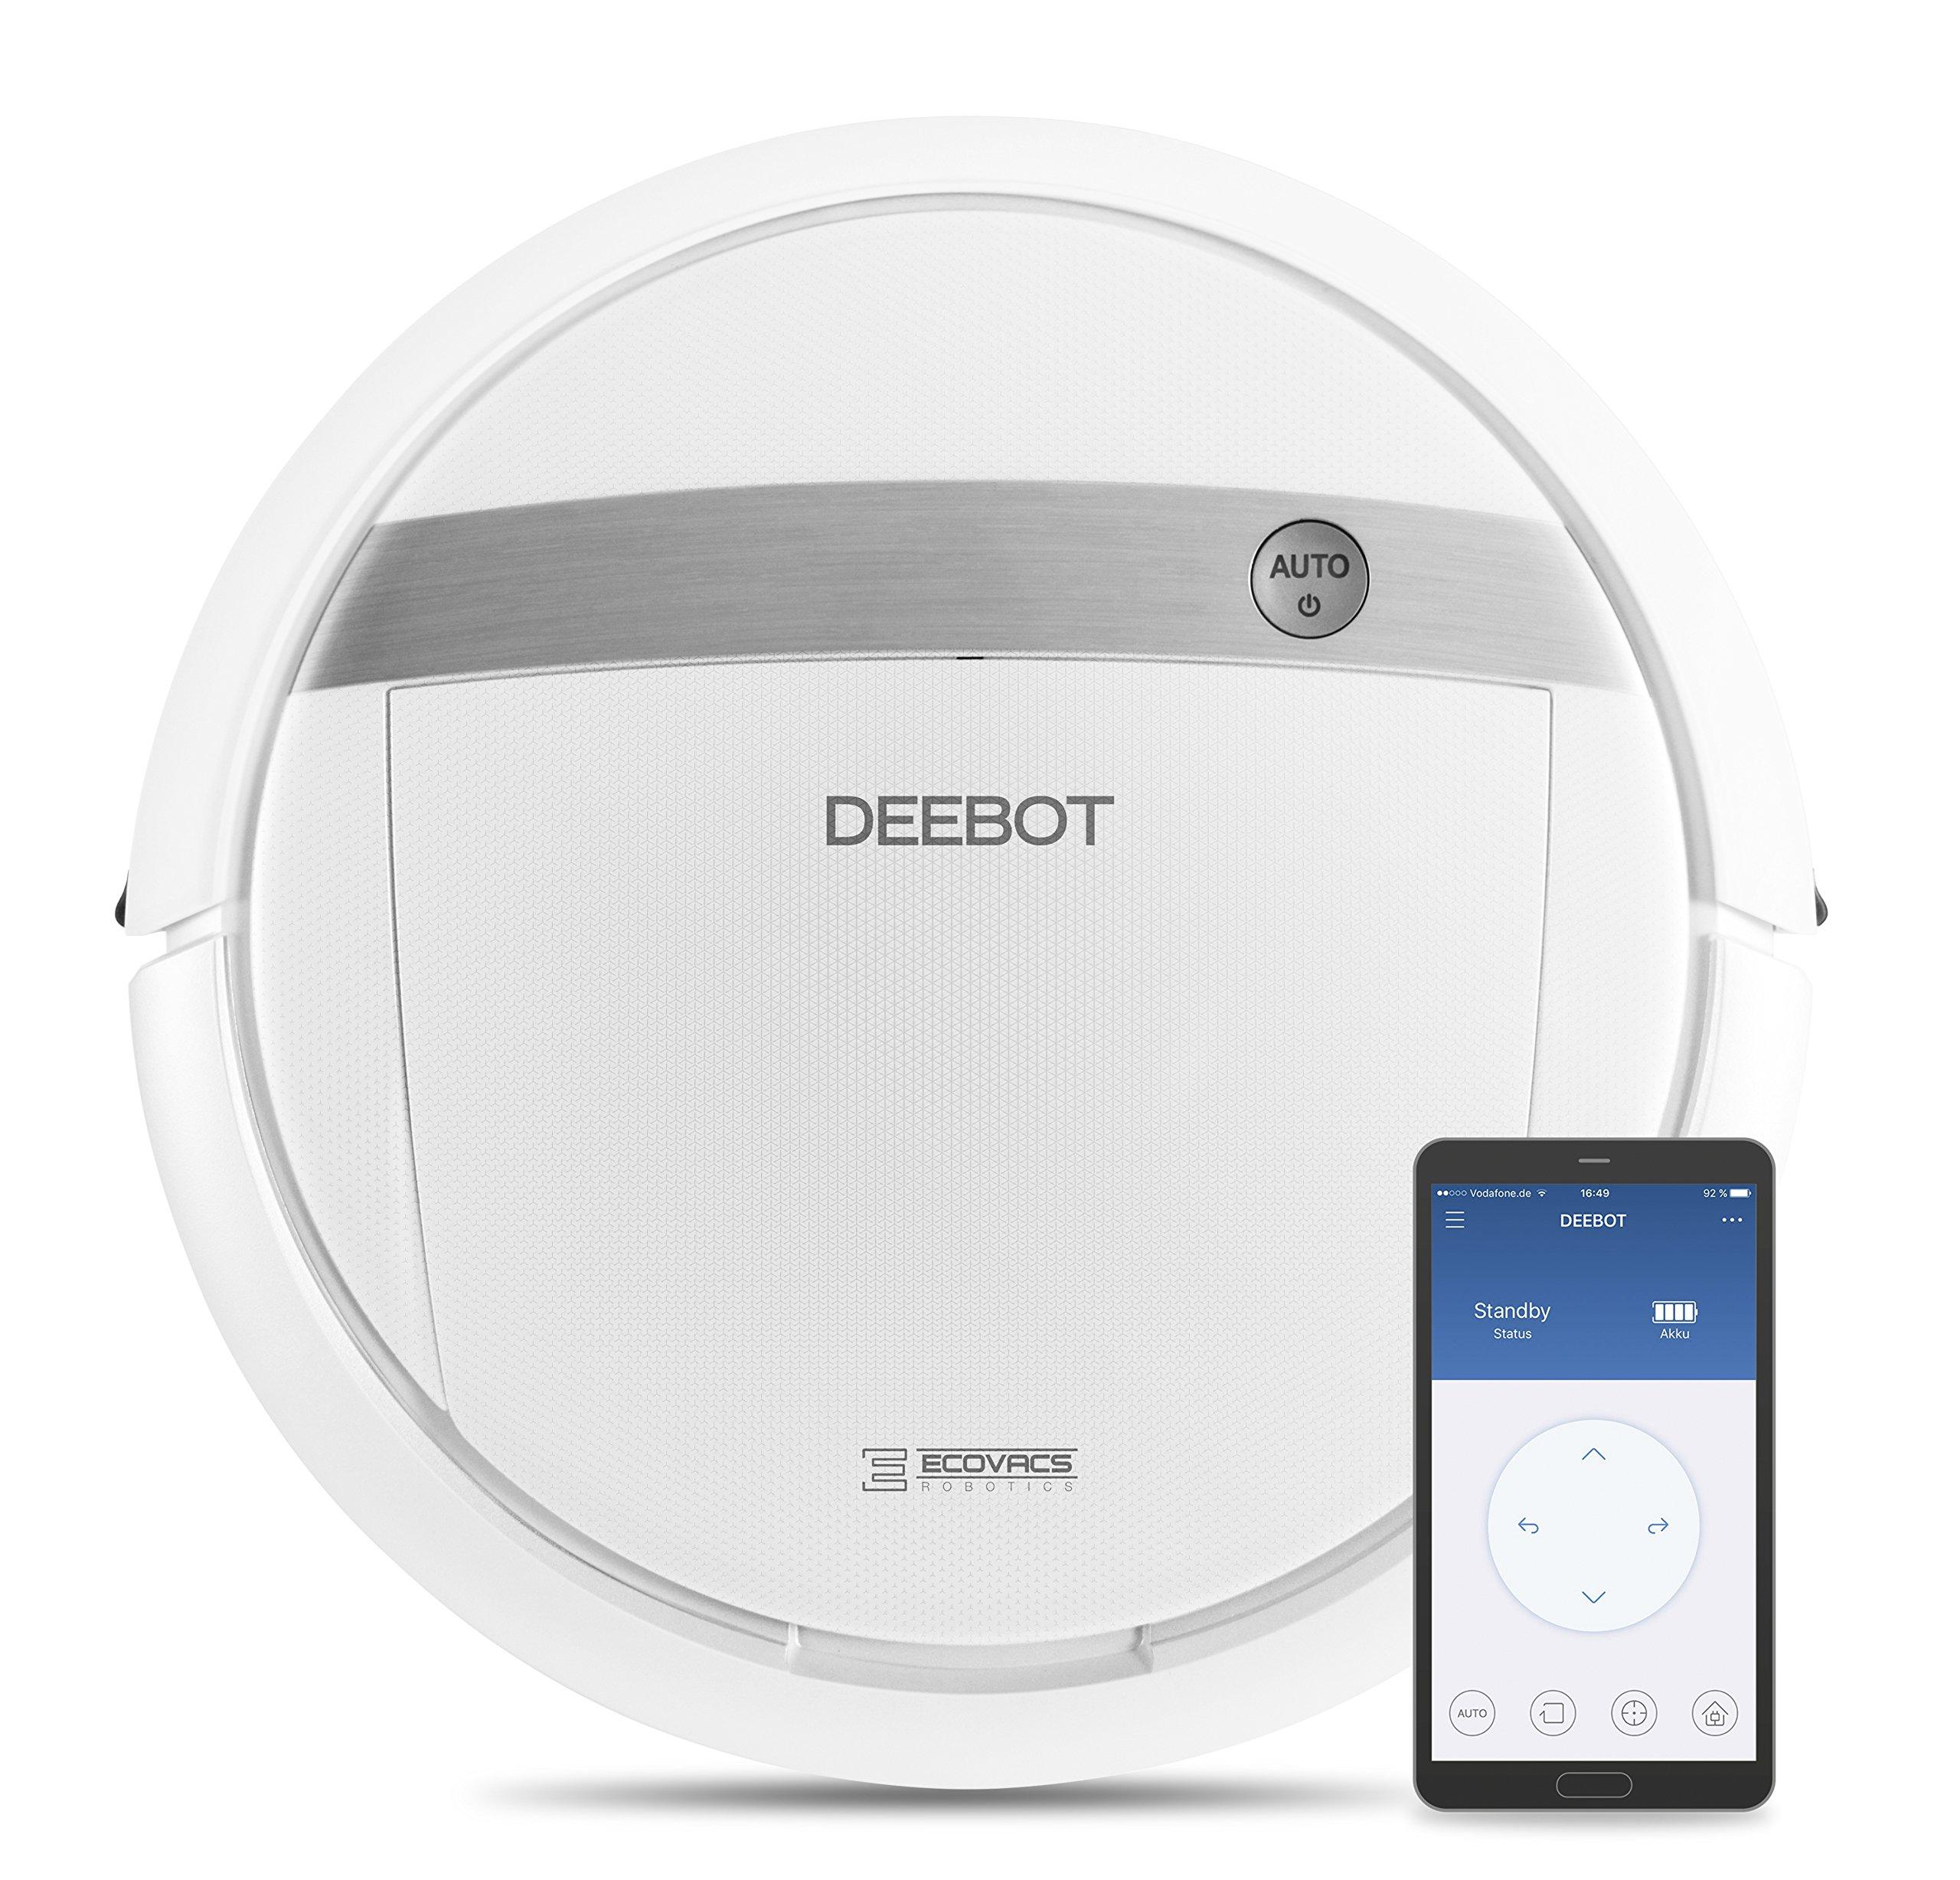 Ecovacs Deebot M88 Saugroboter mit Wischfunktion und App, weiß